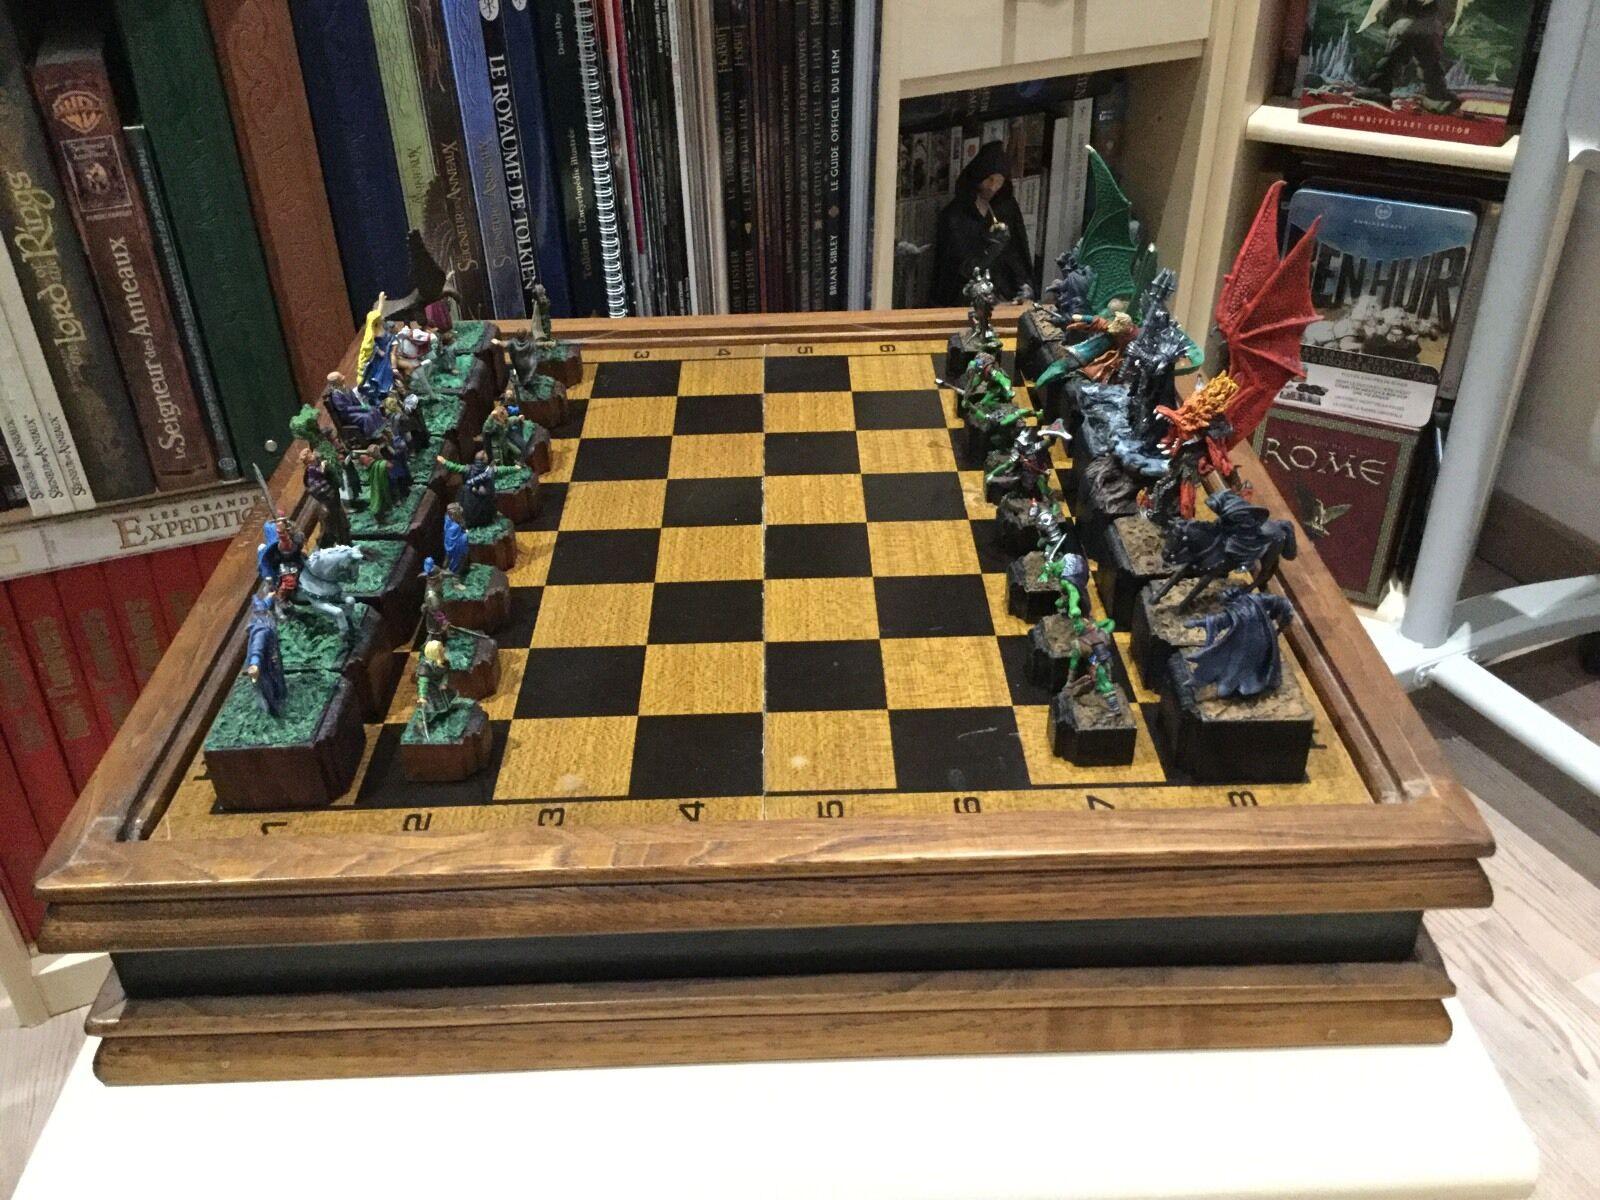 Jeu Jeu Jeu D'Échec UNIQUE Seigneur Des Anneaux Mithril Chess Set Lord Of The Rings a5e922